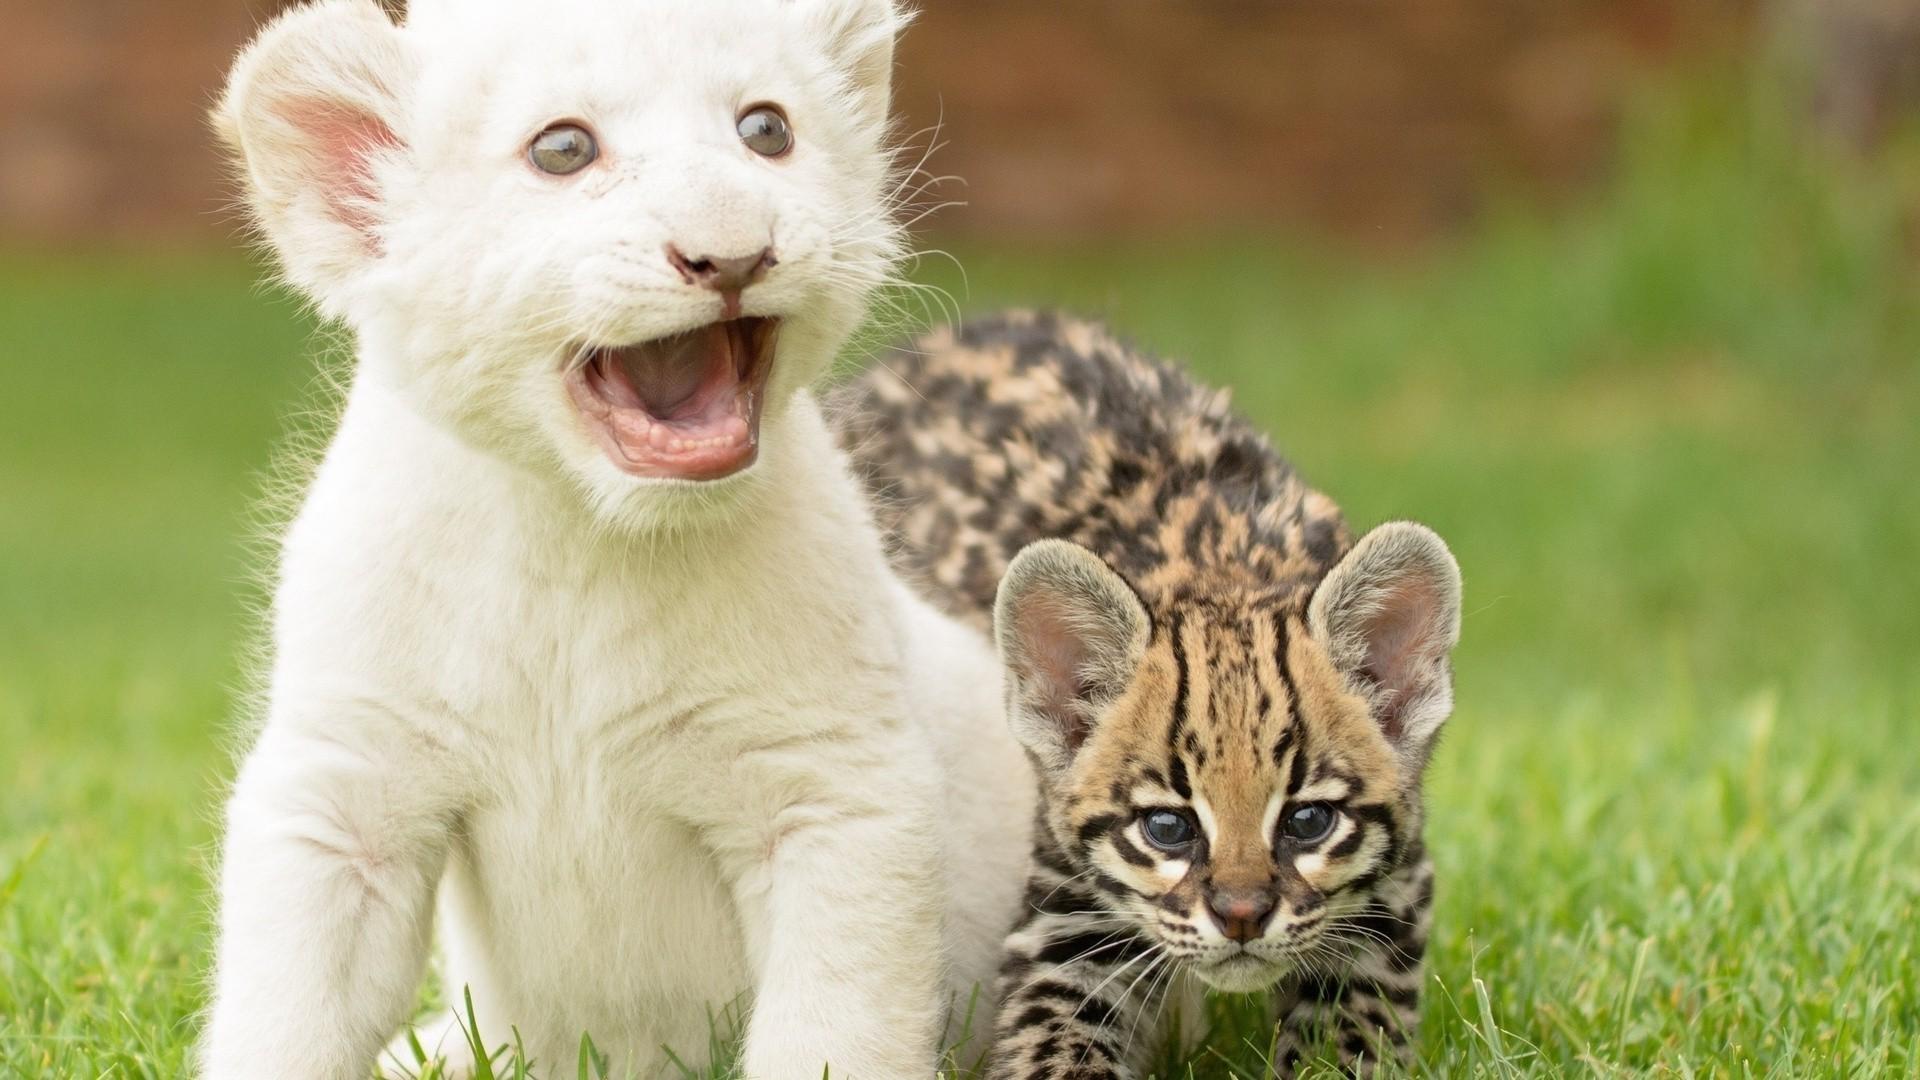 Хорошего, прикольные картинки природы и животных